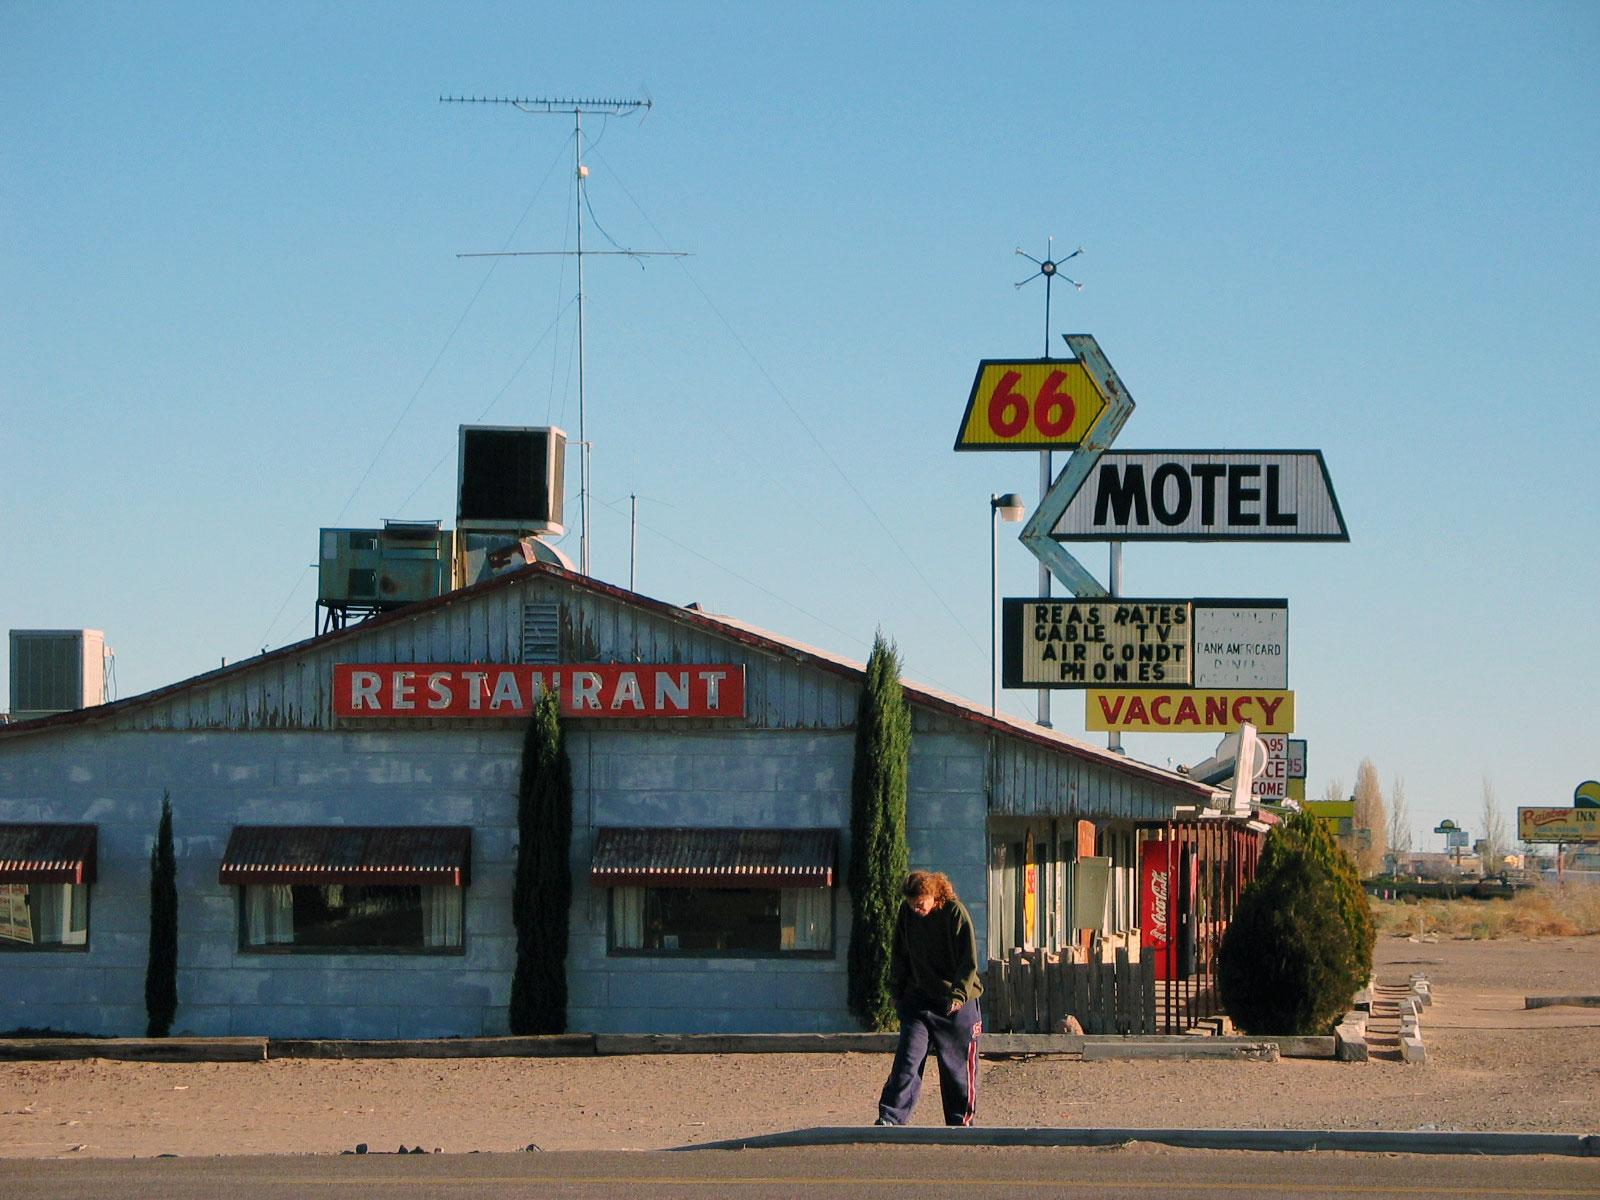 Motel 66. Kuva: Miika Mattila